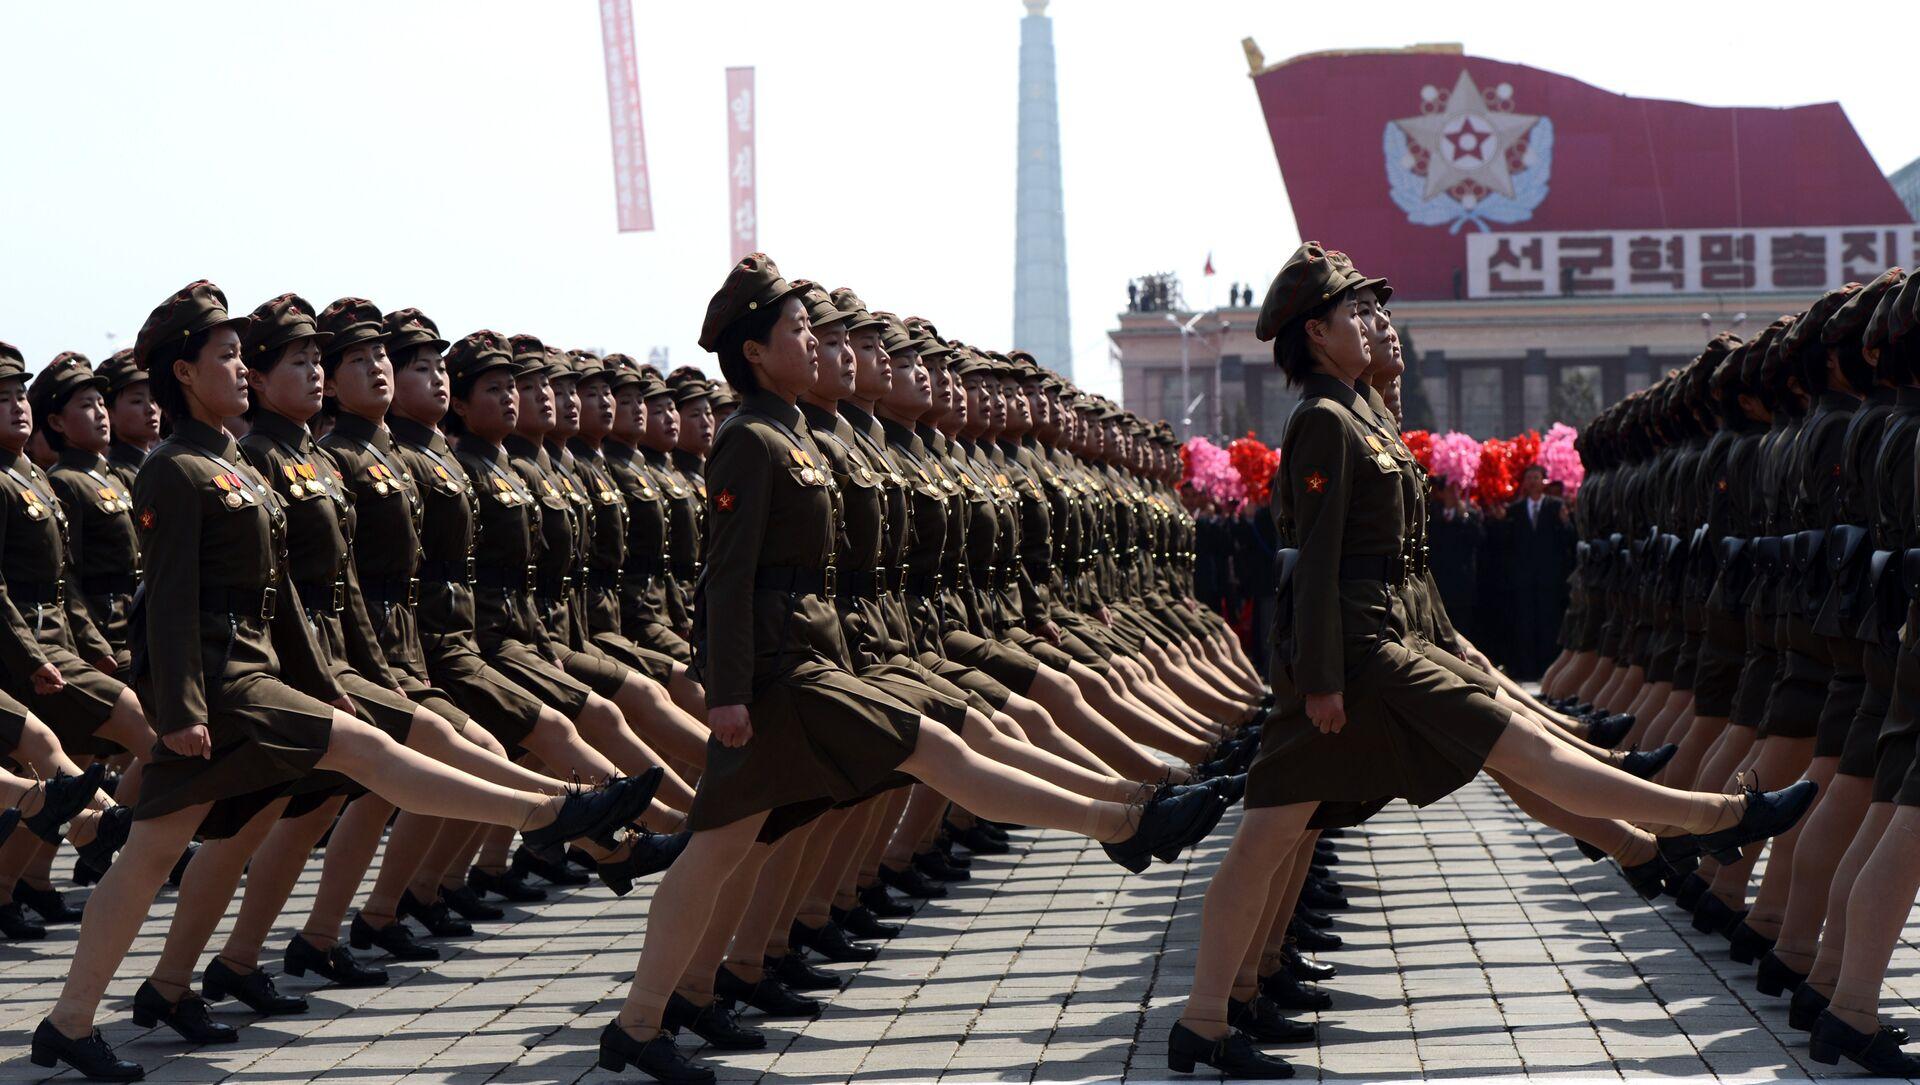 Mujeres soldados de Corea del Norte - Sputnik Mundo, 1920, 18.03.2021